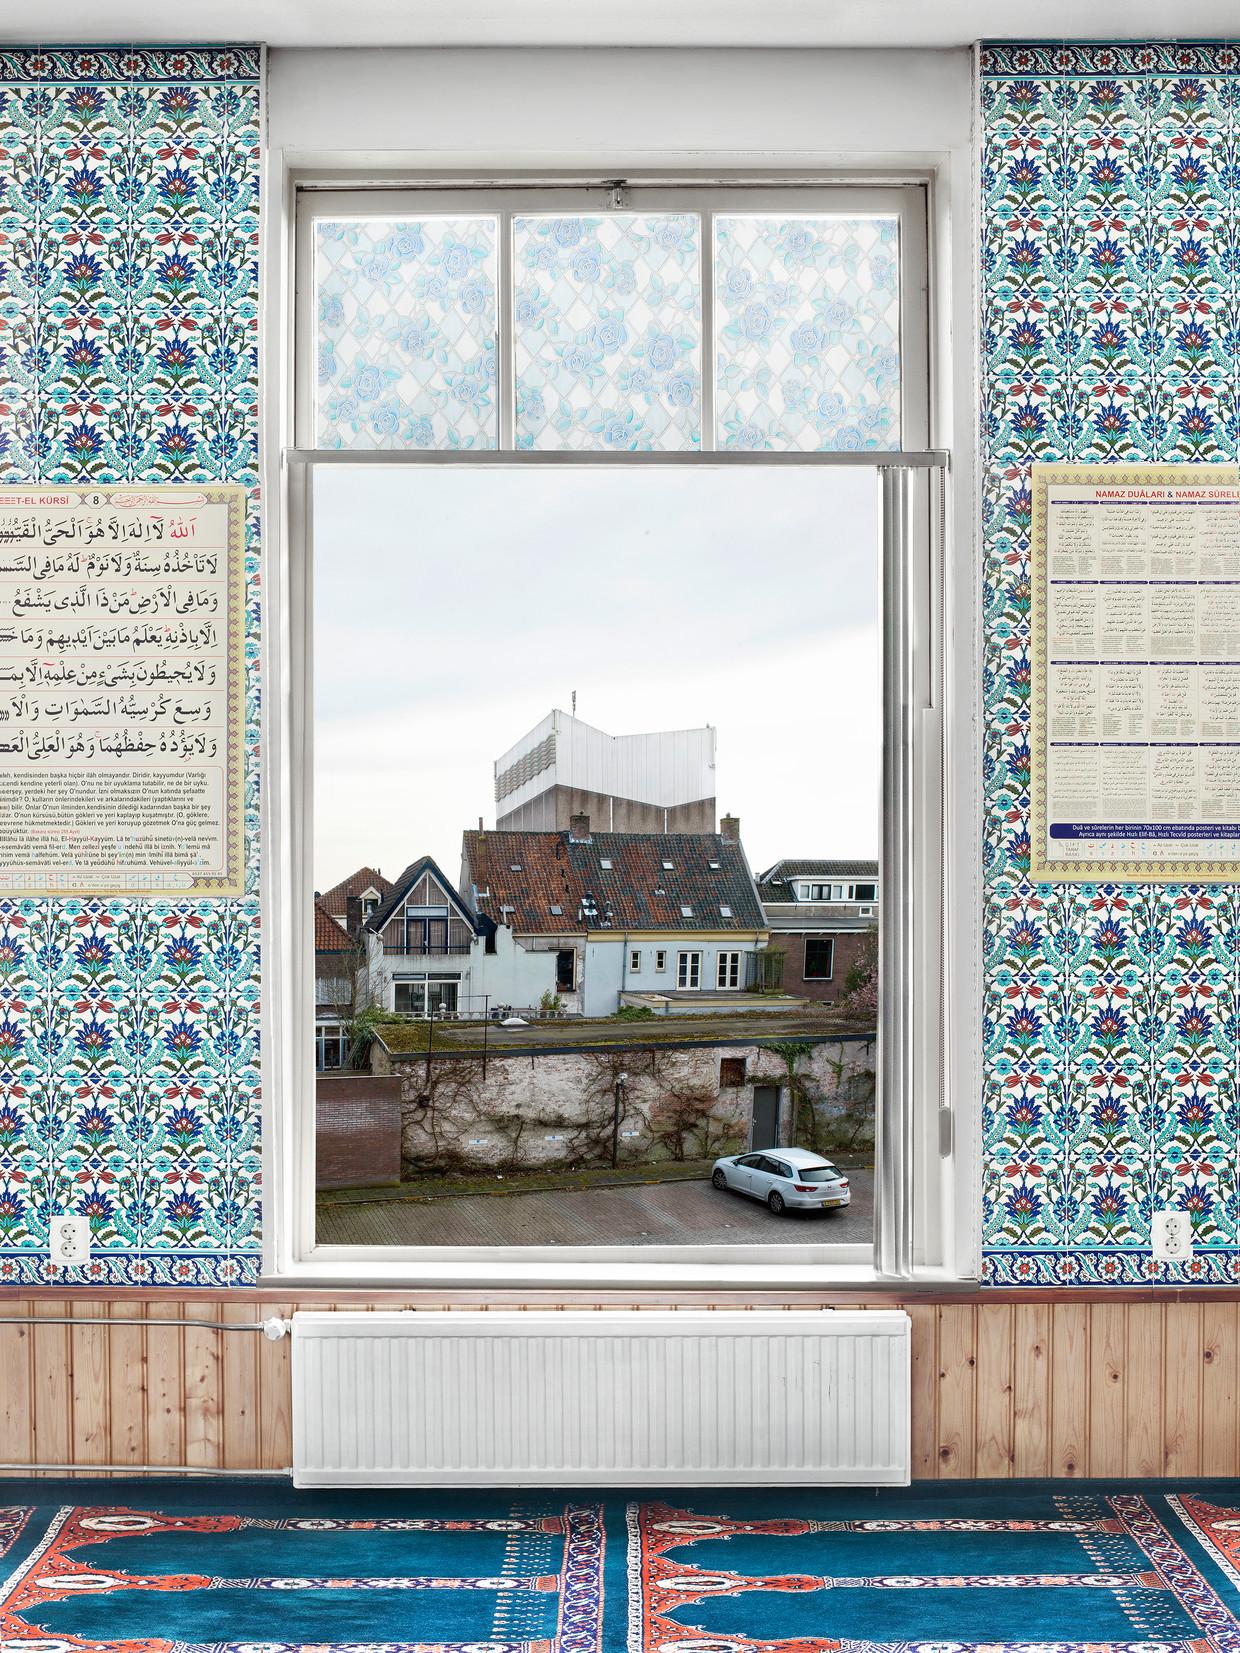 New Dutch Views #1; omwille van de veiligheid blijven de locaties van de moskeeën onbekend.